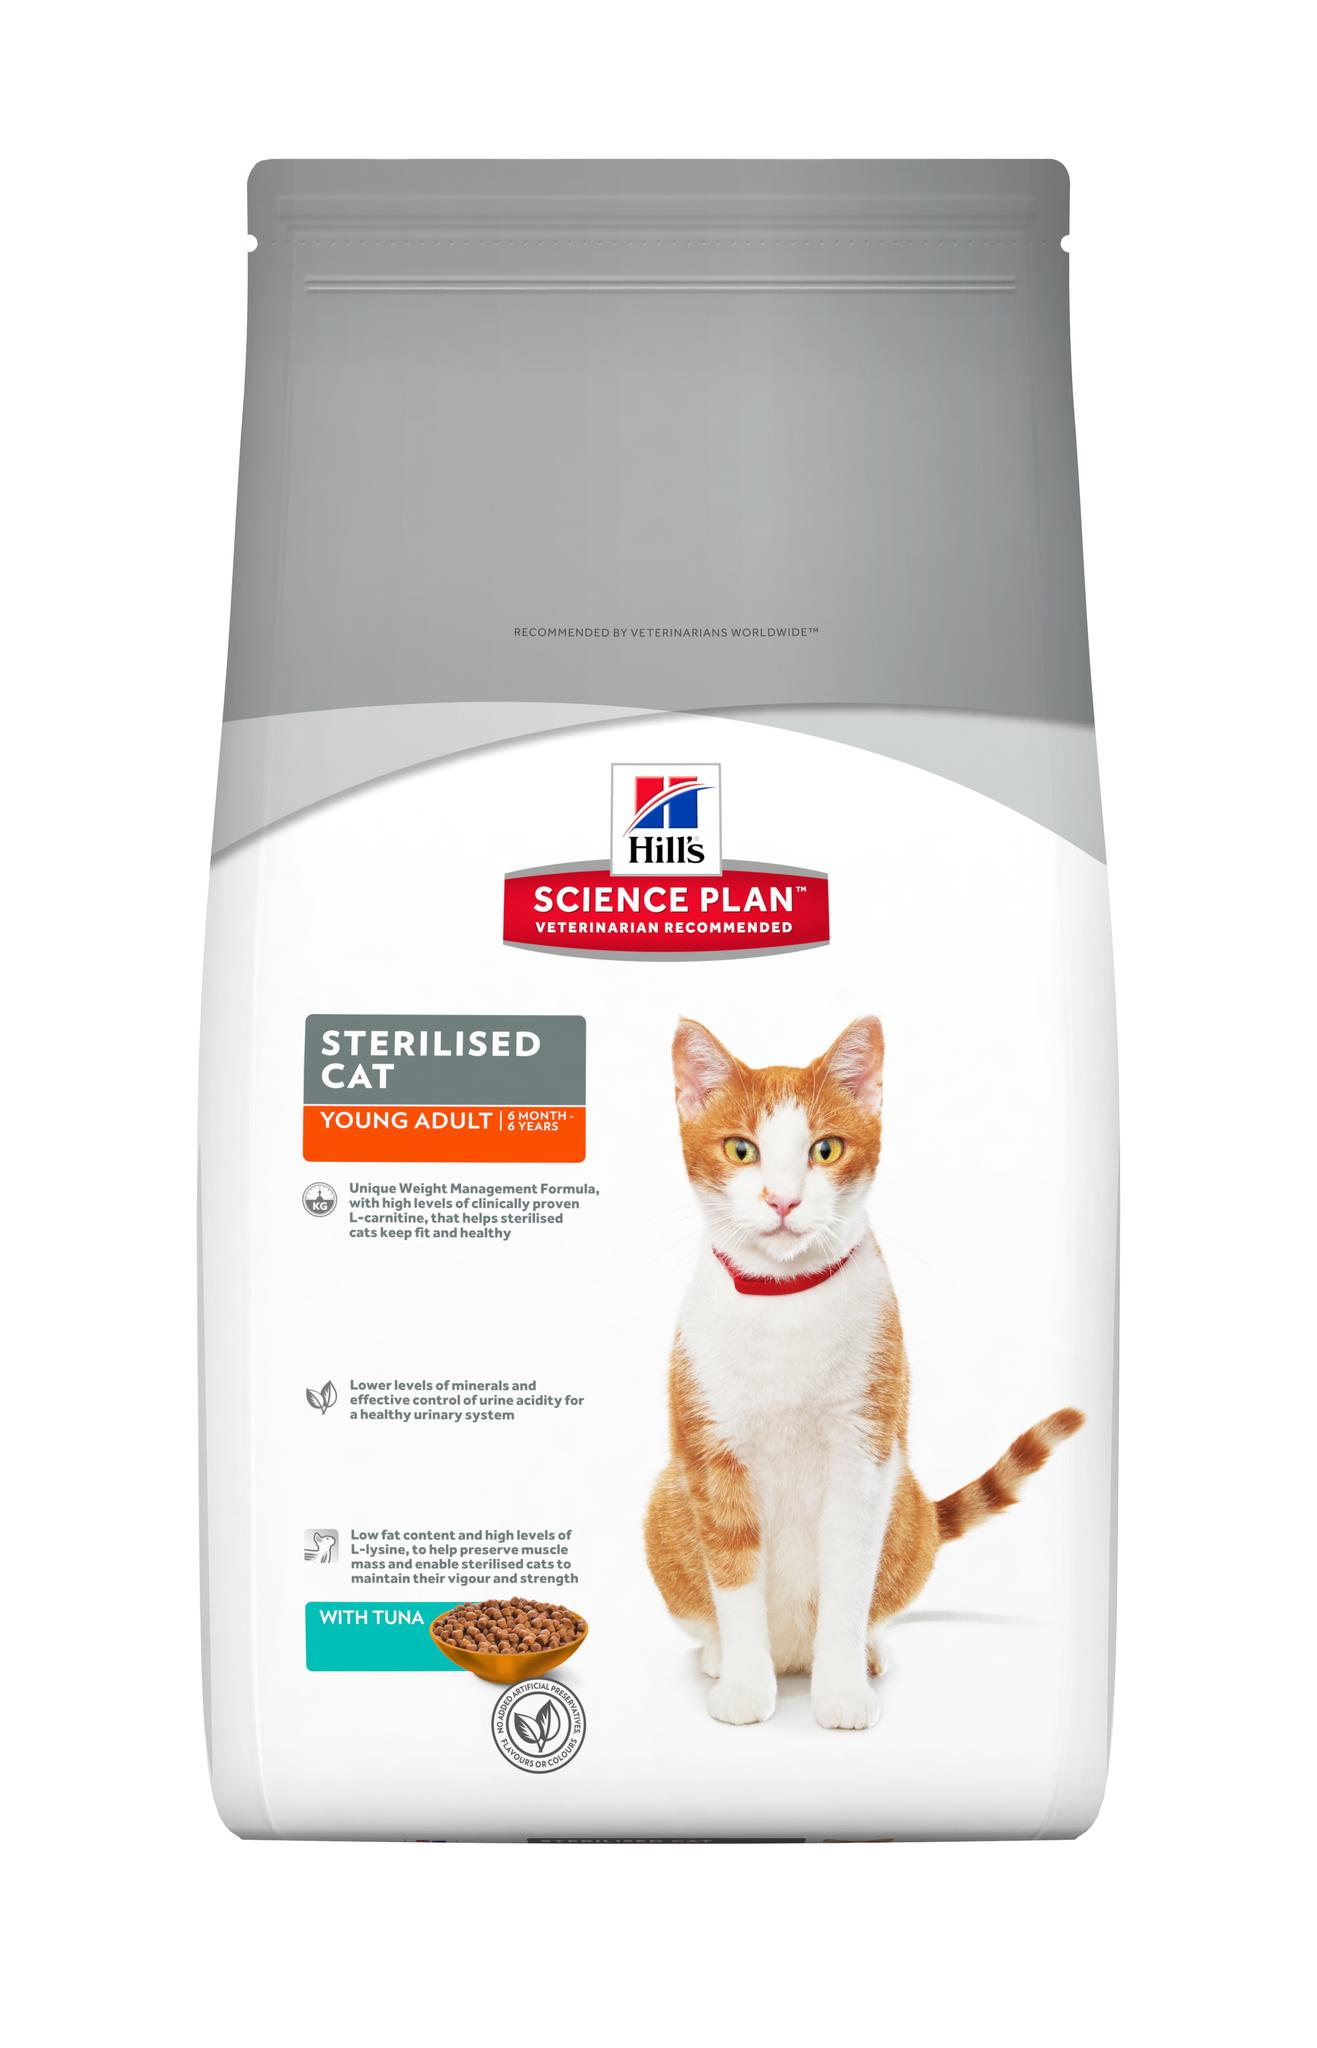 купить хиллс Hill's™ Science Plan™ Feline Sterilised Cat Young Adult with Tuna сухой корм для котят и стерилизованных кошек с 6 мес. до 6 лет с тунцом 300 гр